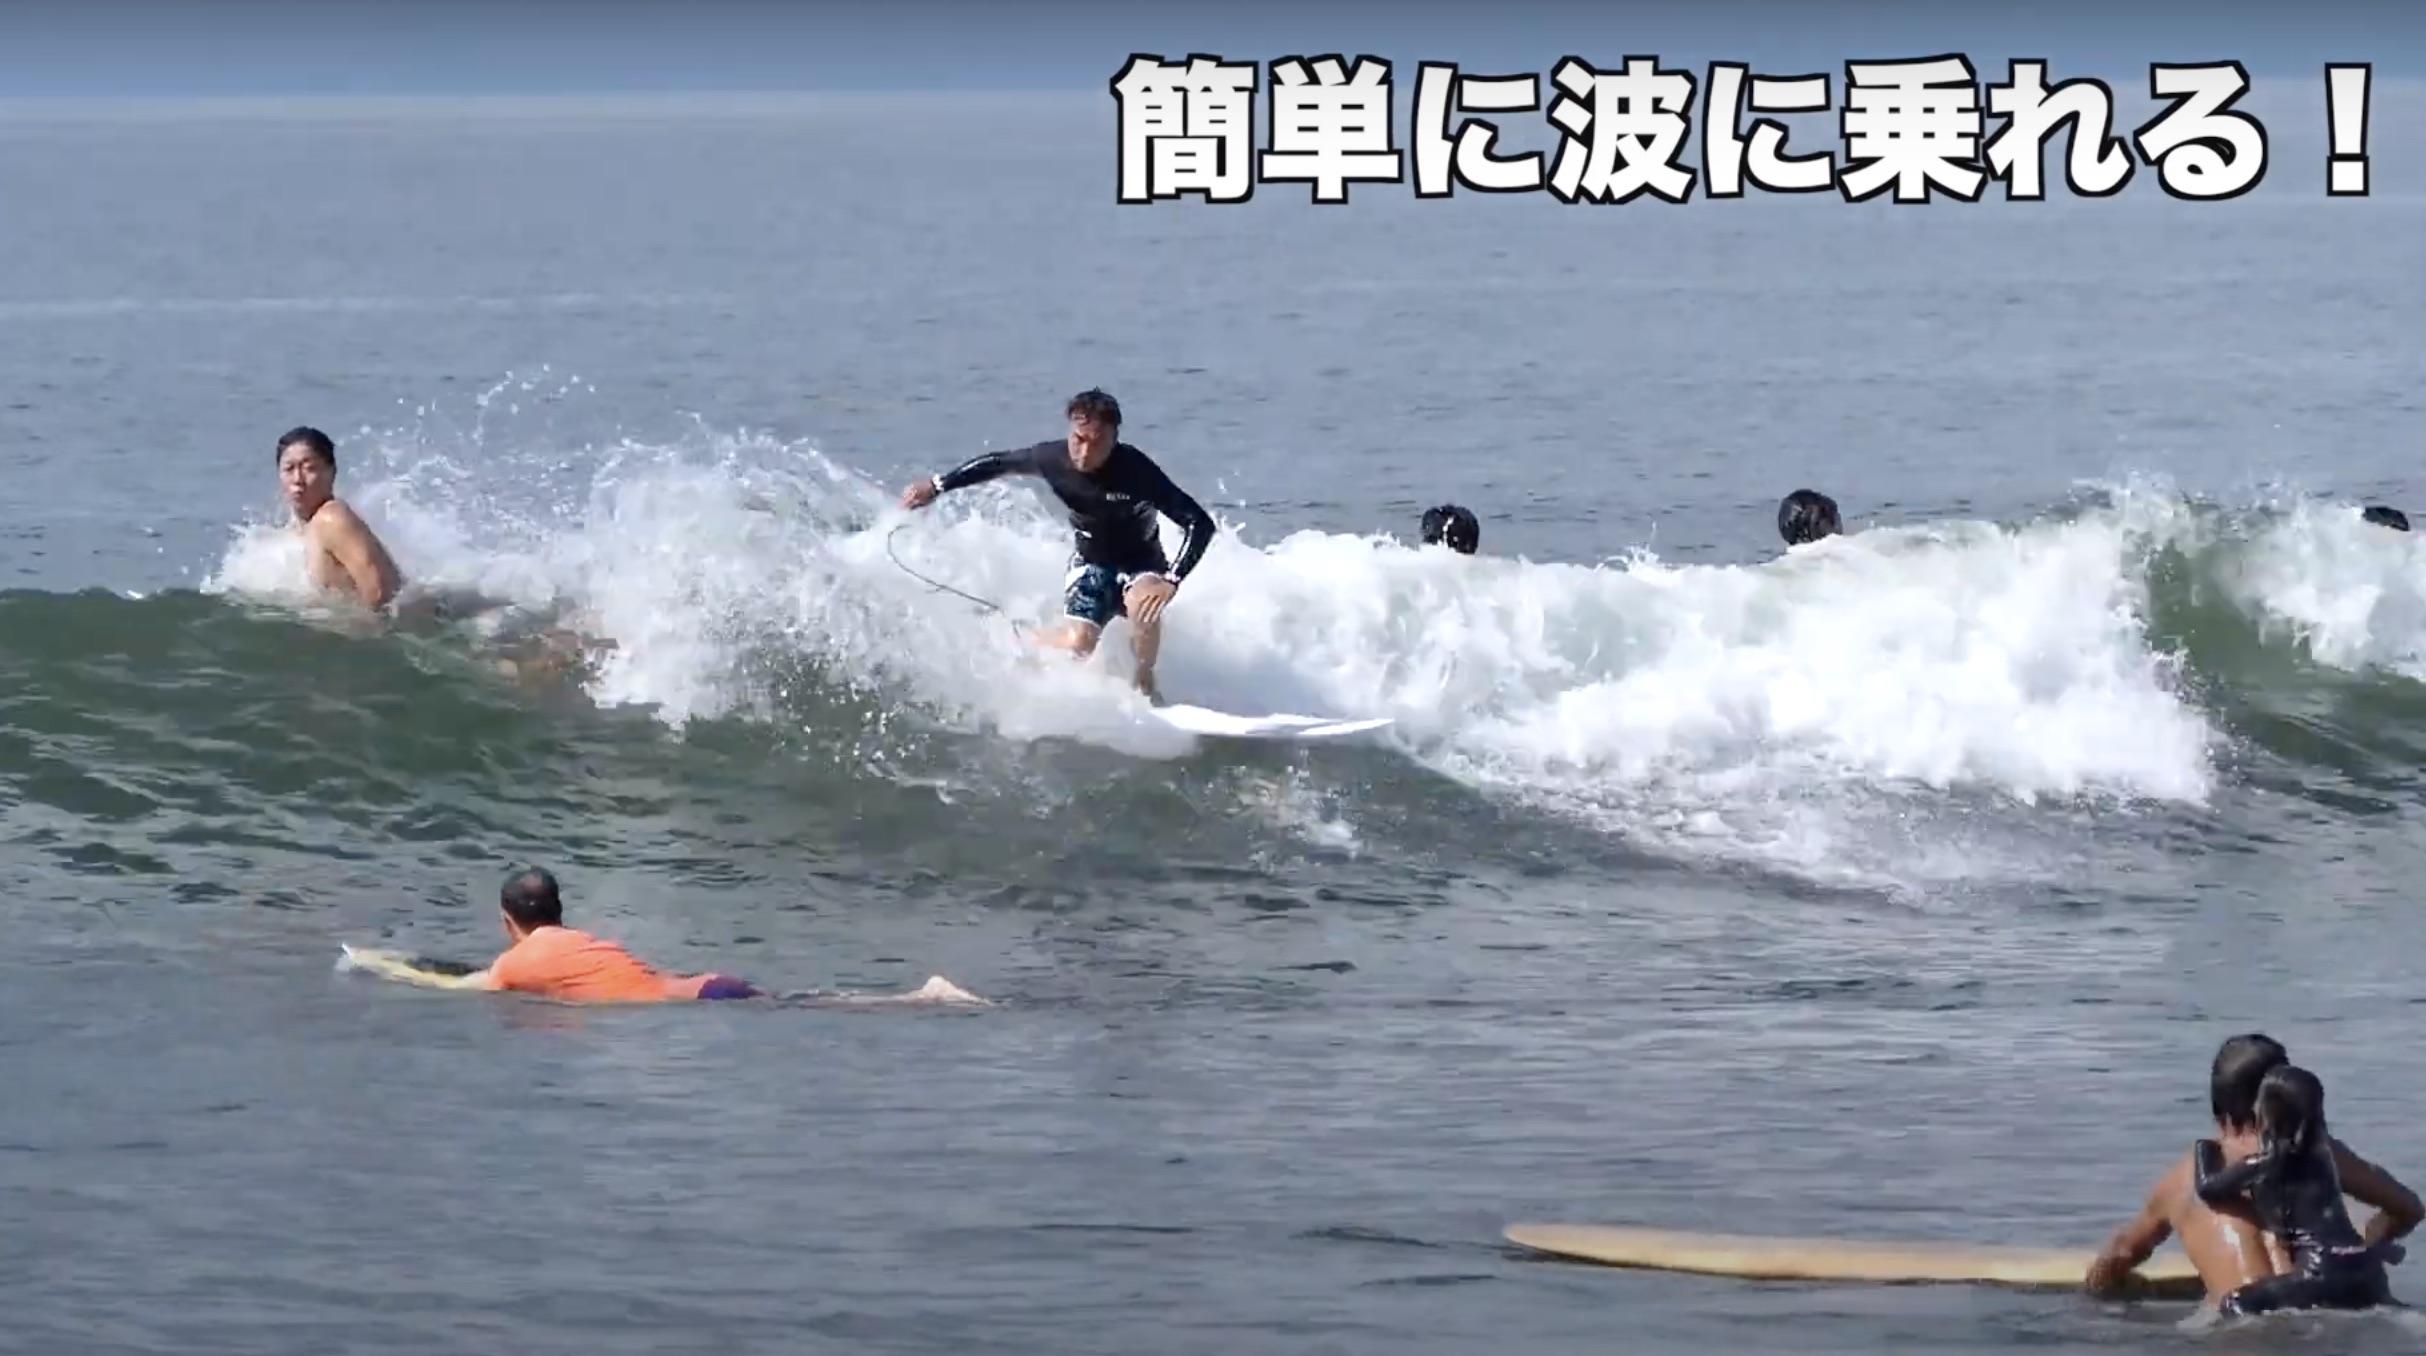 いよいよ公開!kumebros流、激混みのワンピークの海でもたくさん波に乗れる必勝法を伝授!!